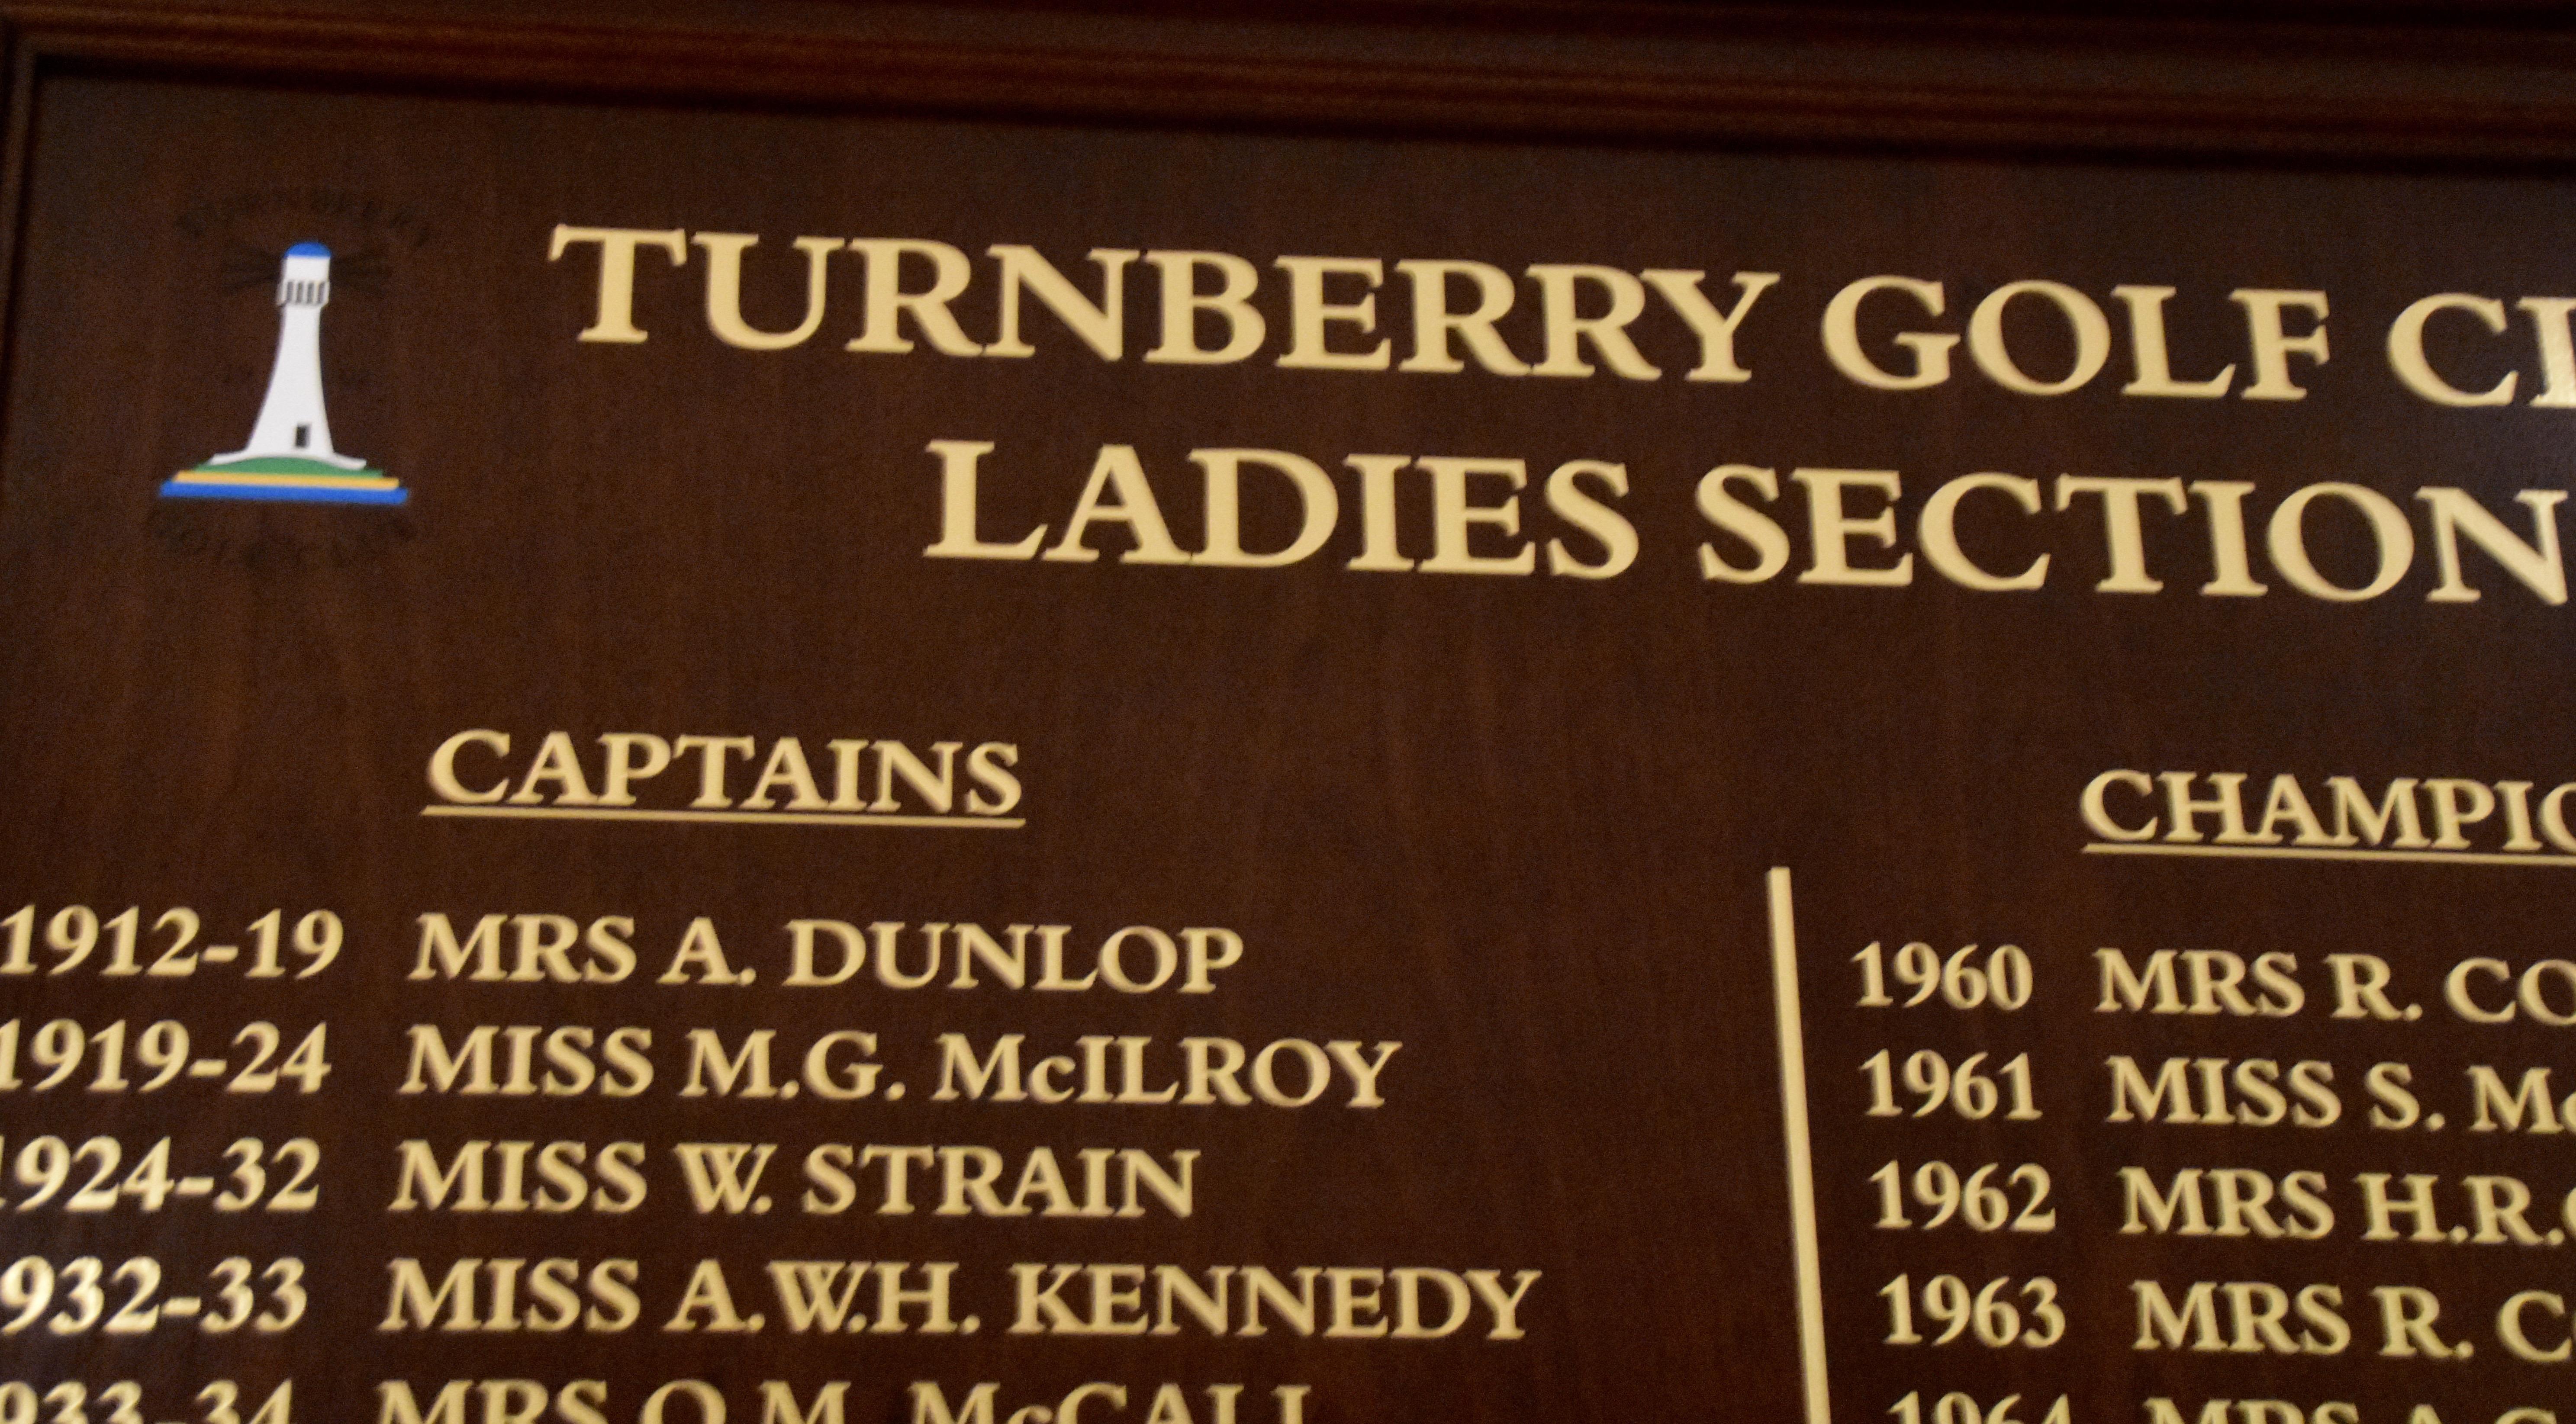 Women's Captain Mrs. A. Dunlop, Turnberry